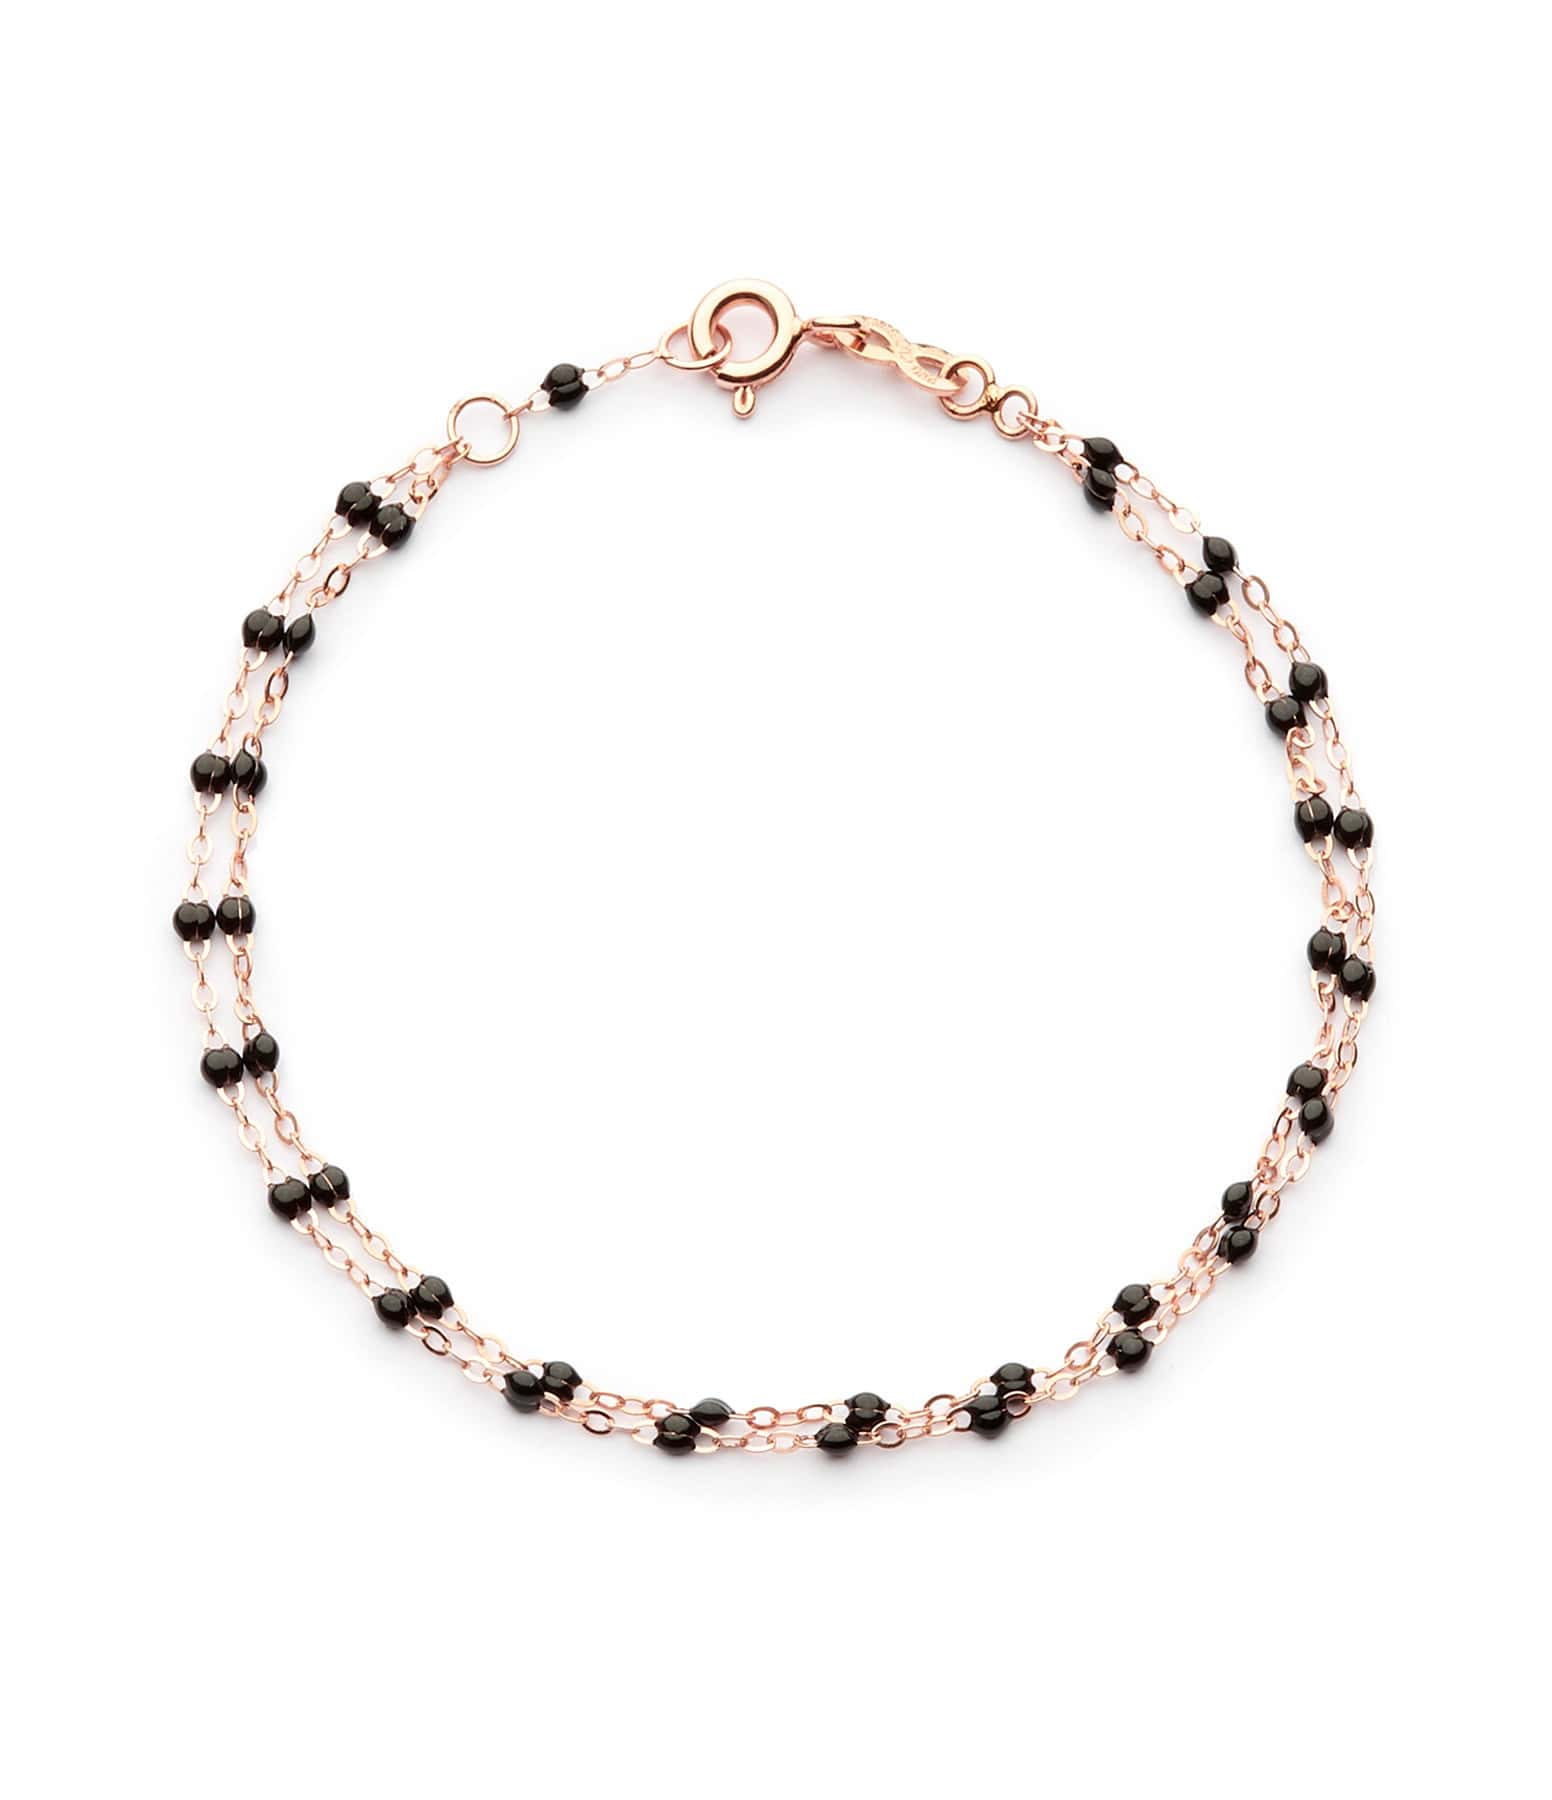 GIGI CLOZEAU - Bracelet Perles Résine Double, Exclusivité Lulli